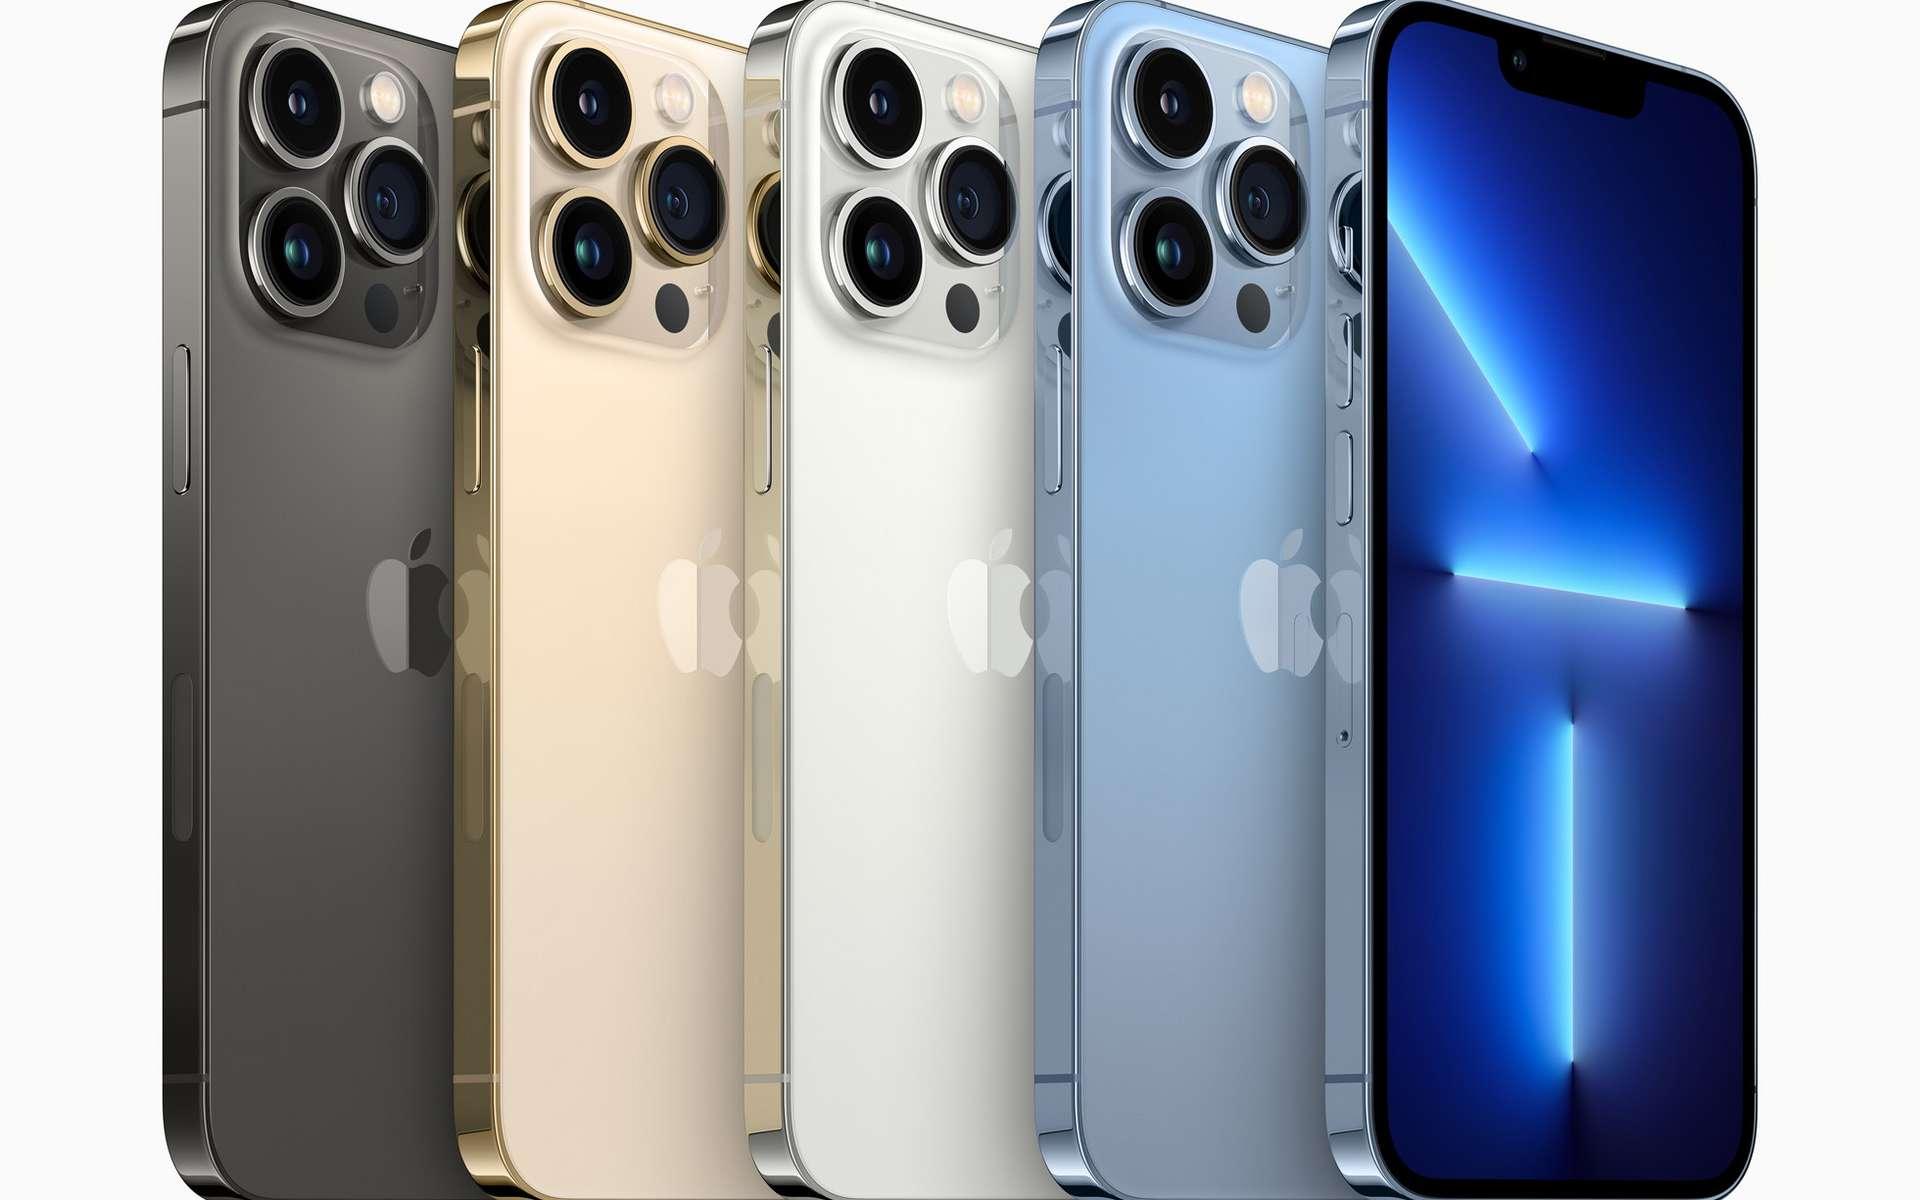 Les nouveaux iPhone 13 Pro et Pro Max pourront enregistrer et monter la vidéo avec le codec ProRes. © Apple